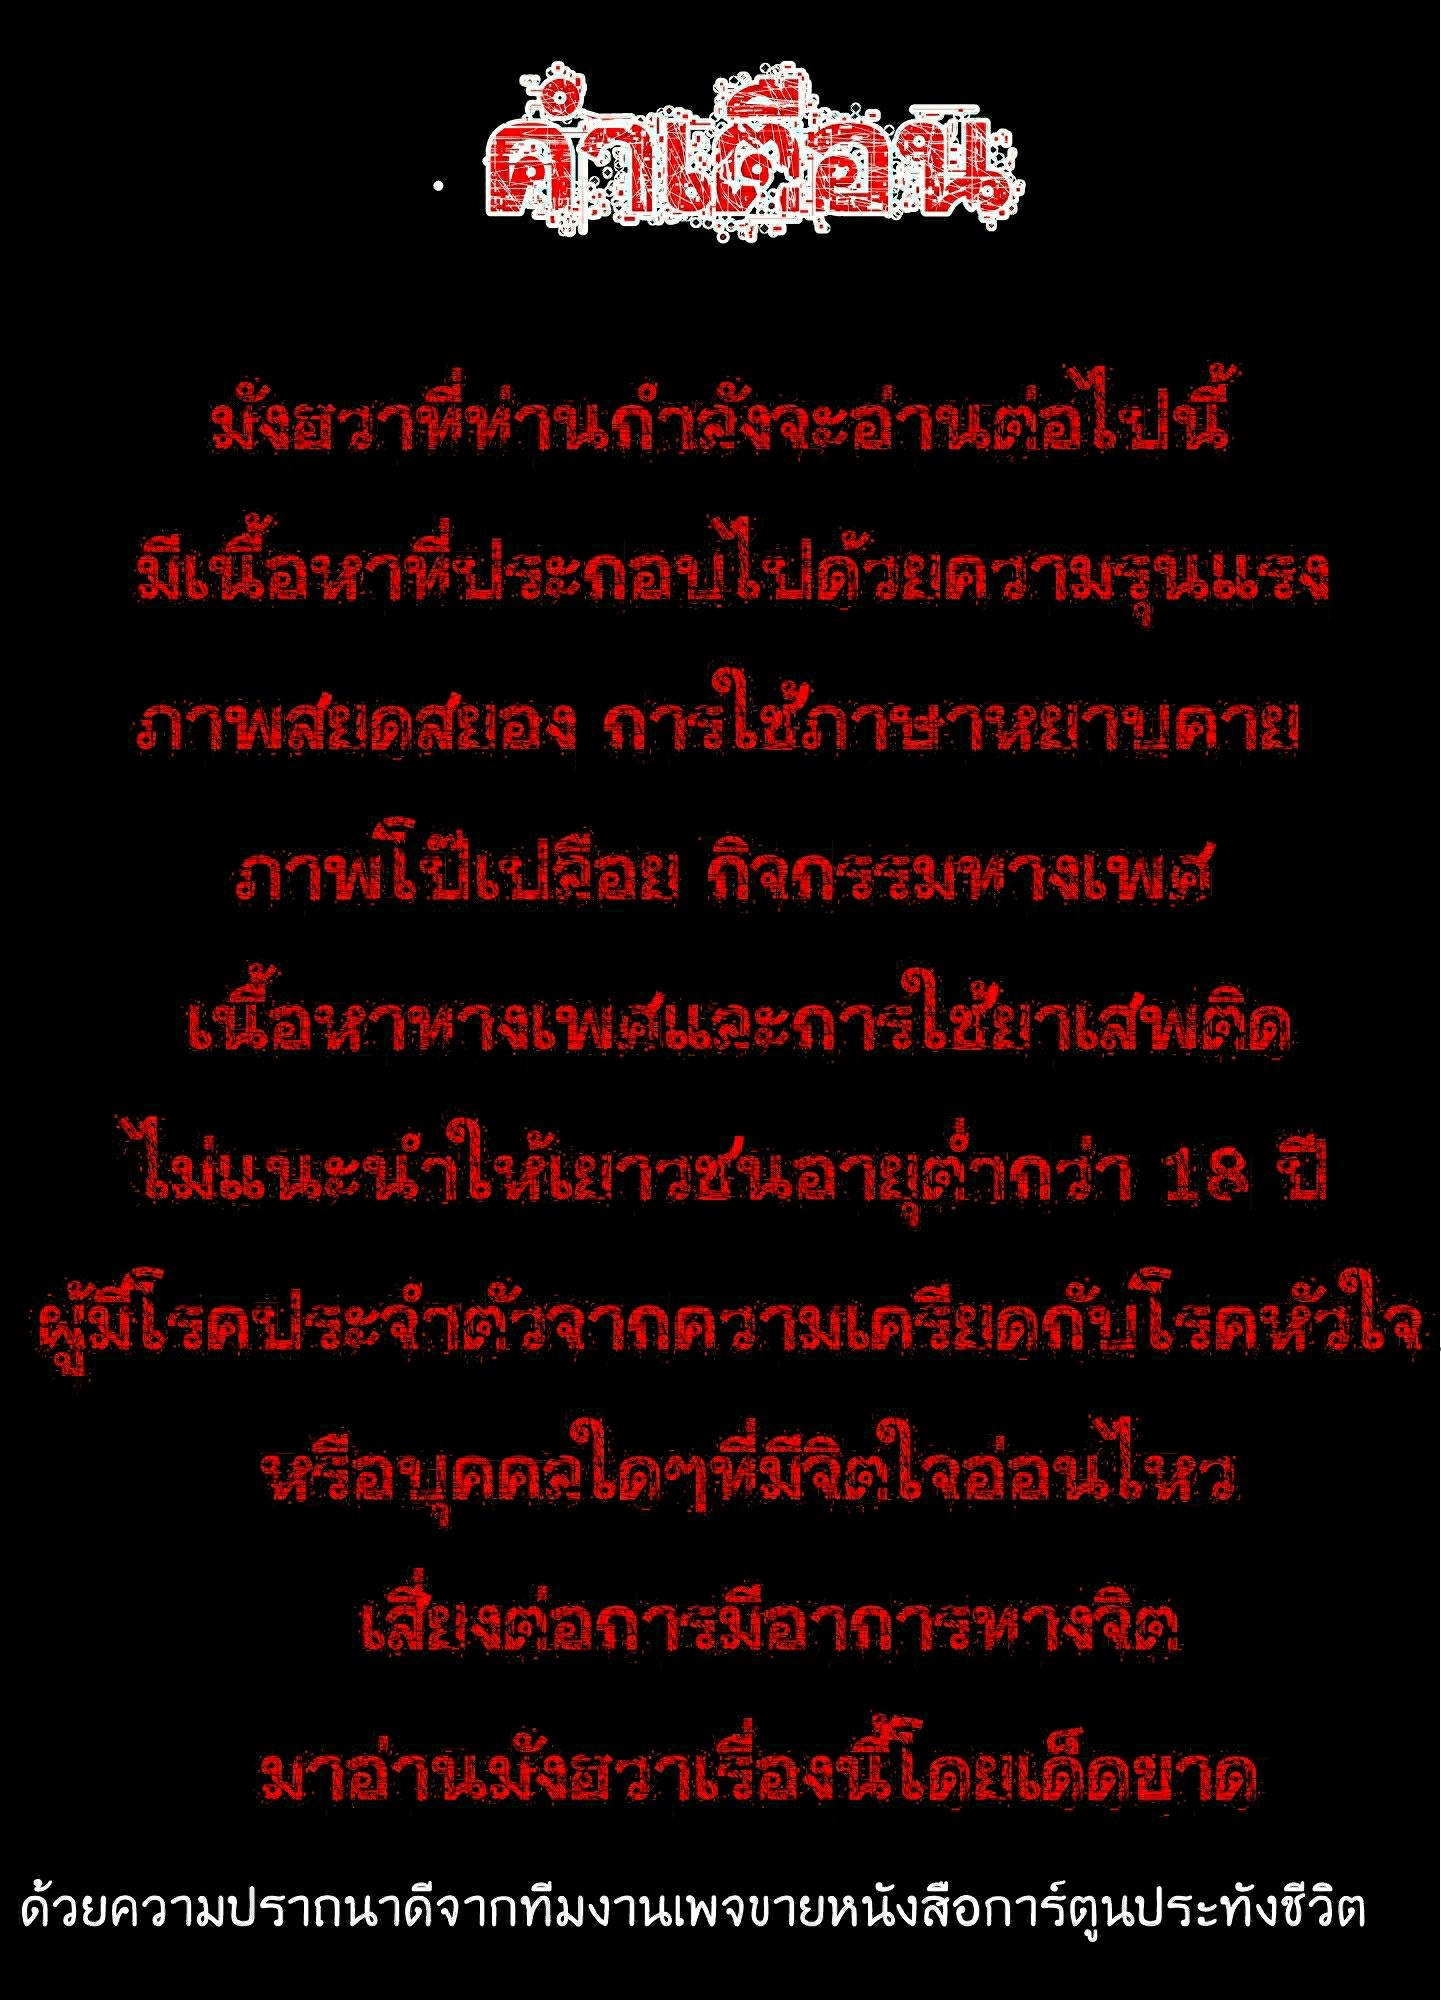 ควีน บี 8